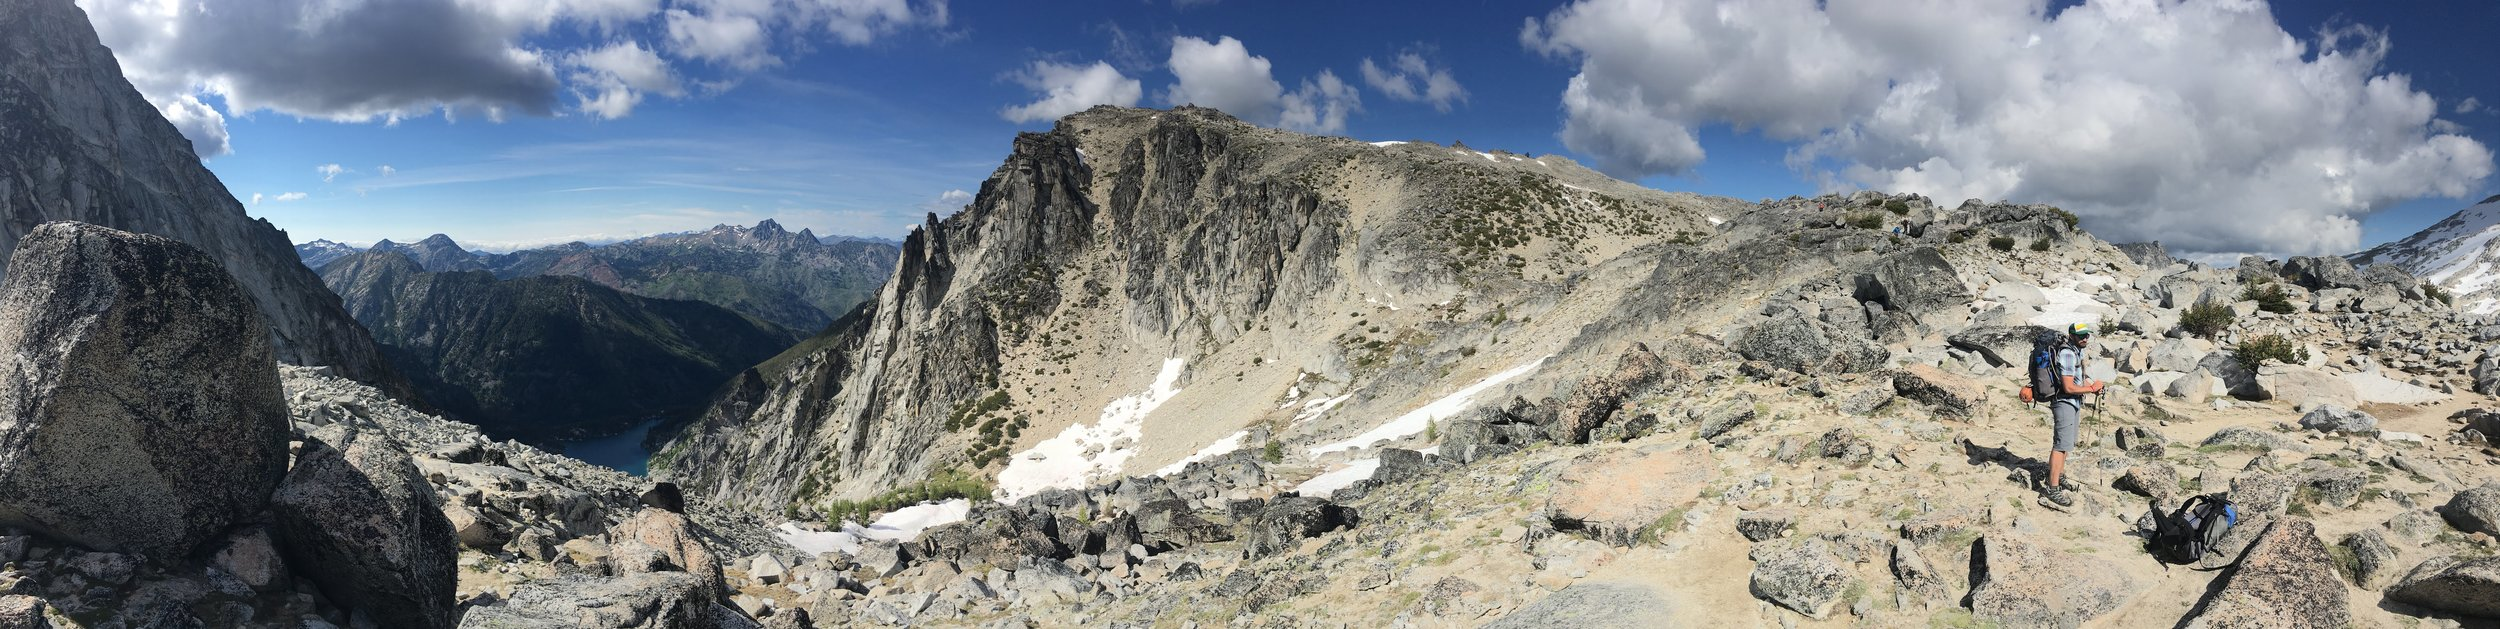 Top of Asgard Pass